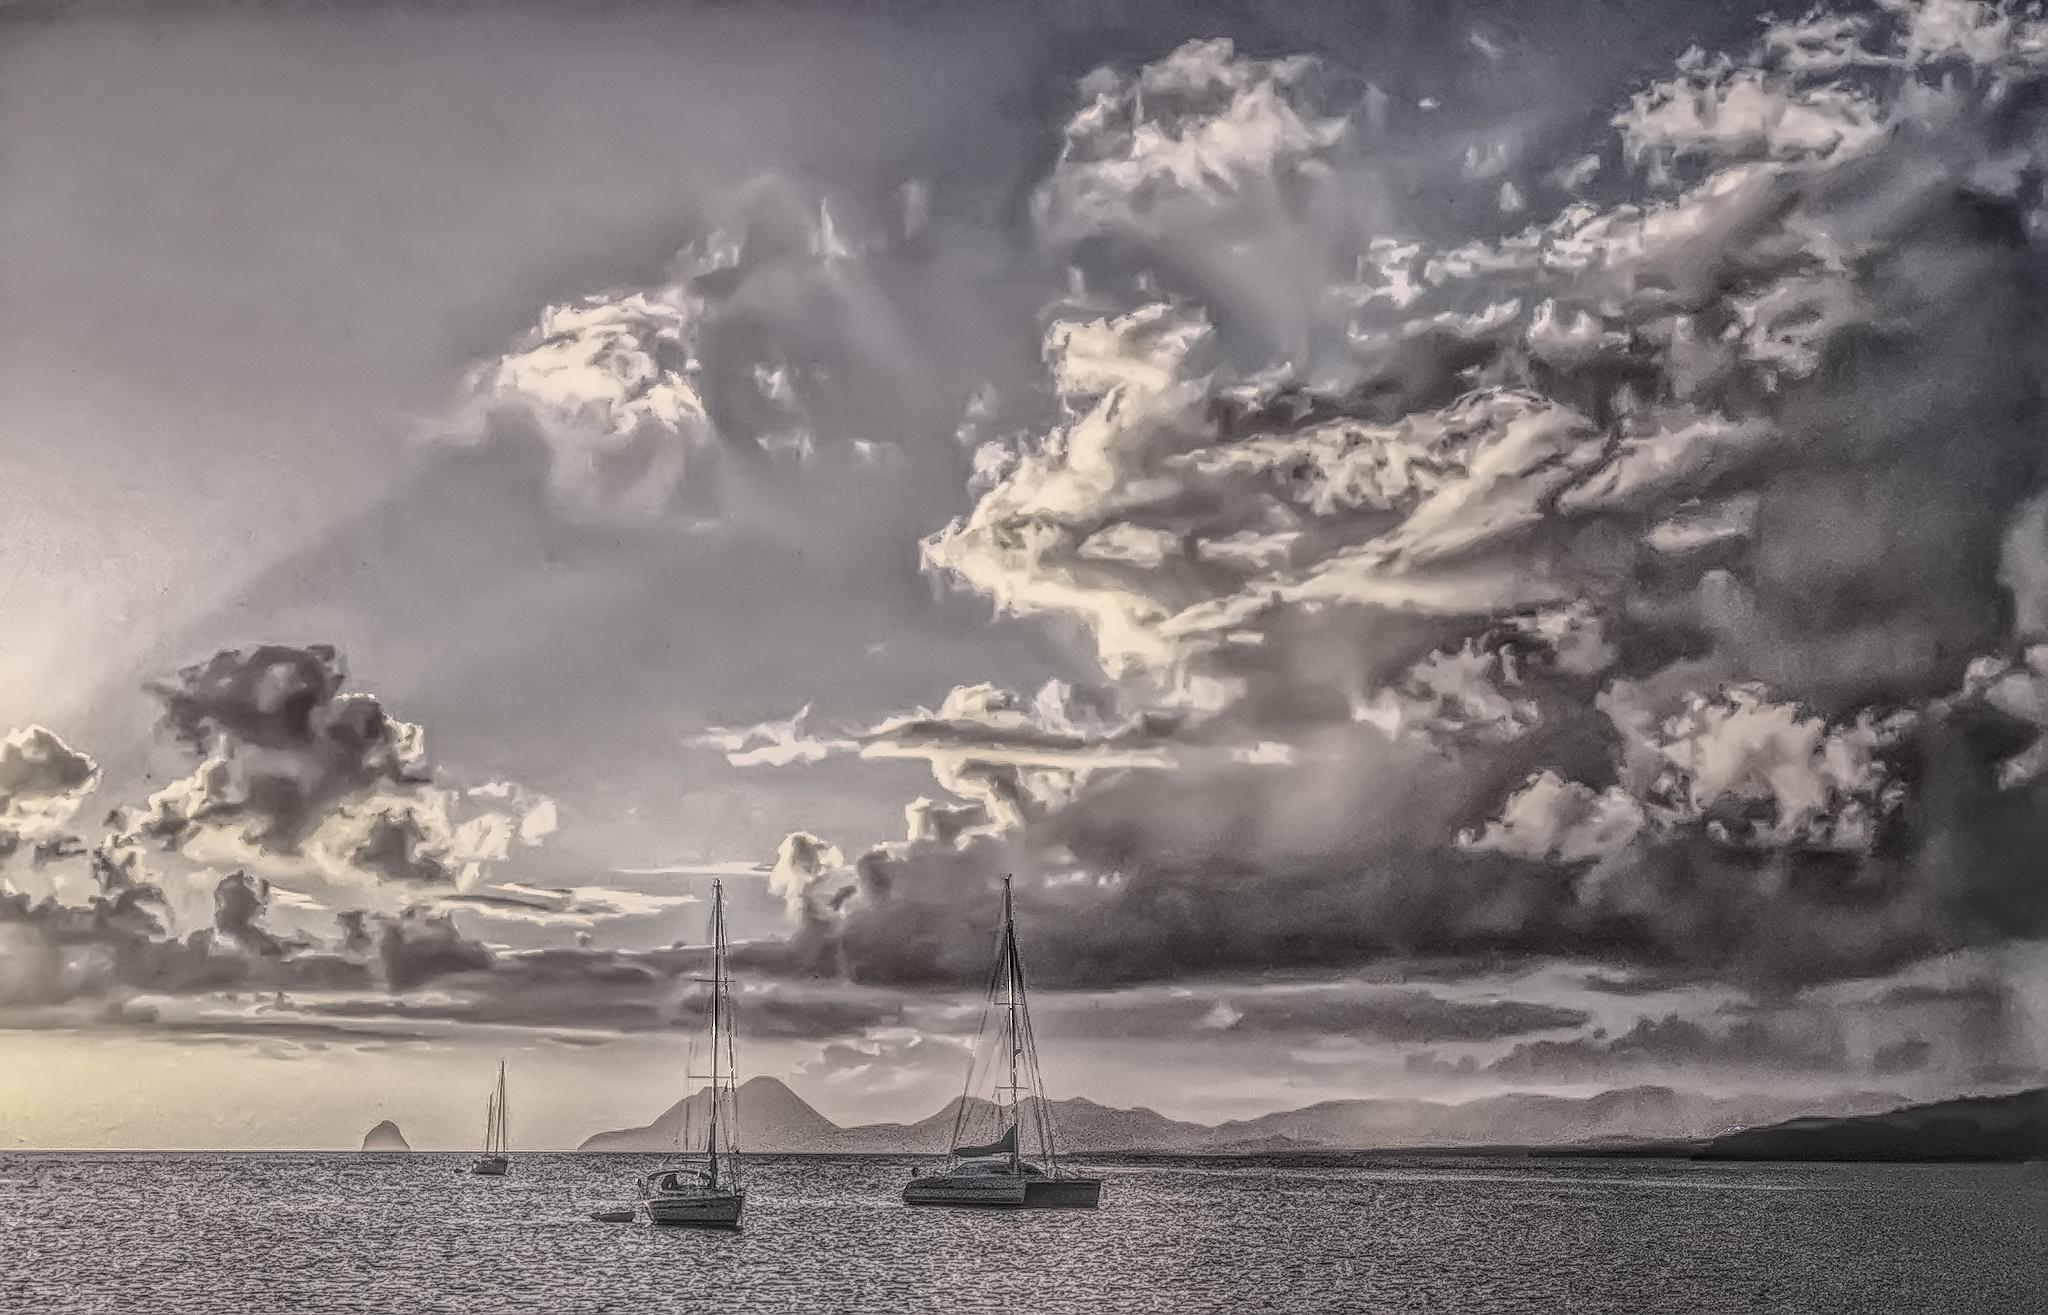 Caribbean Sunset by Herbert Stachelberger